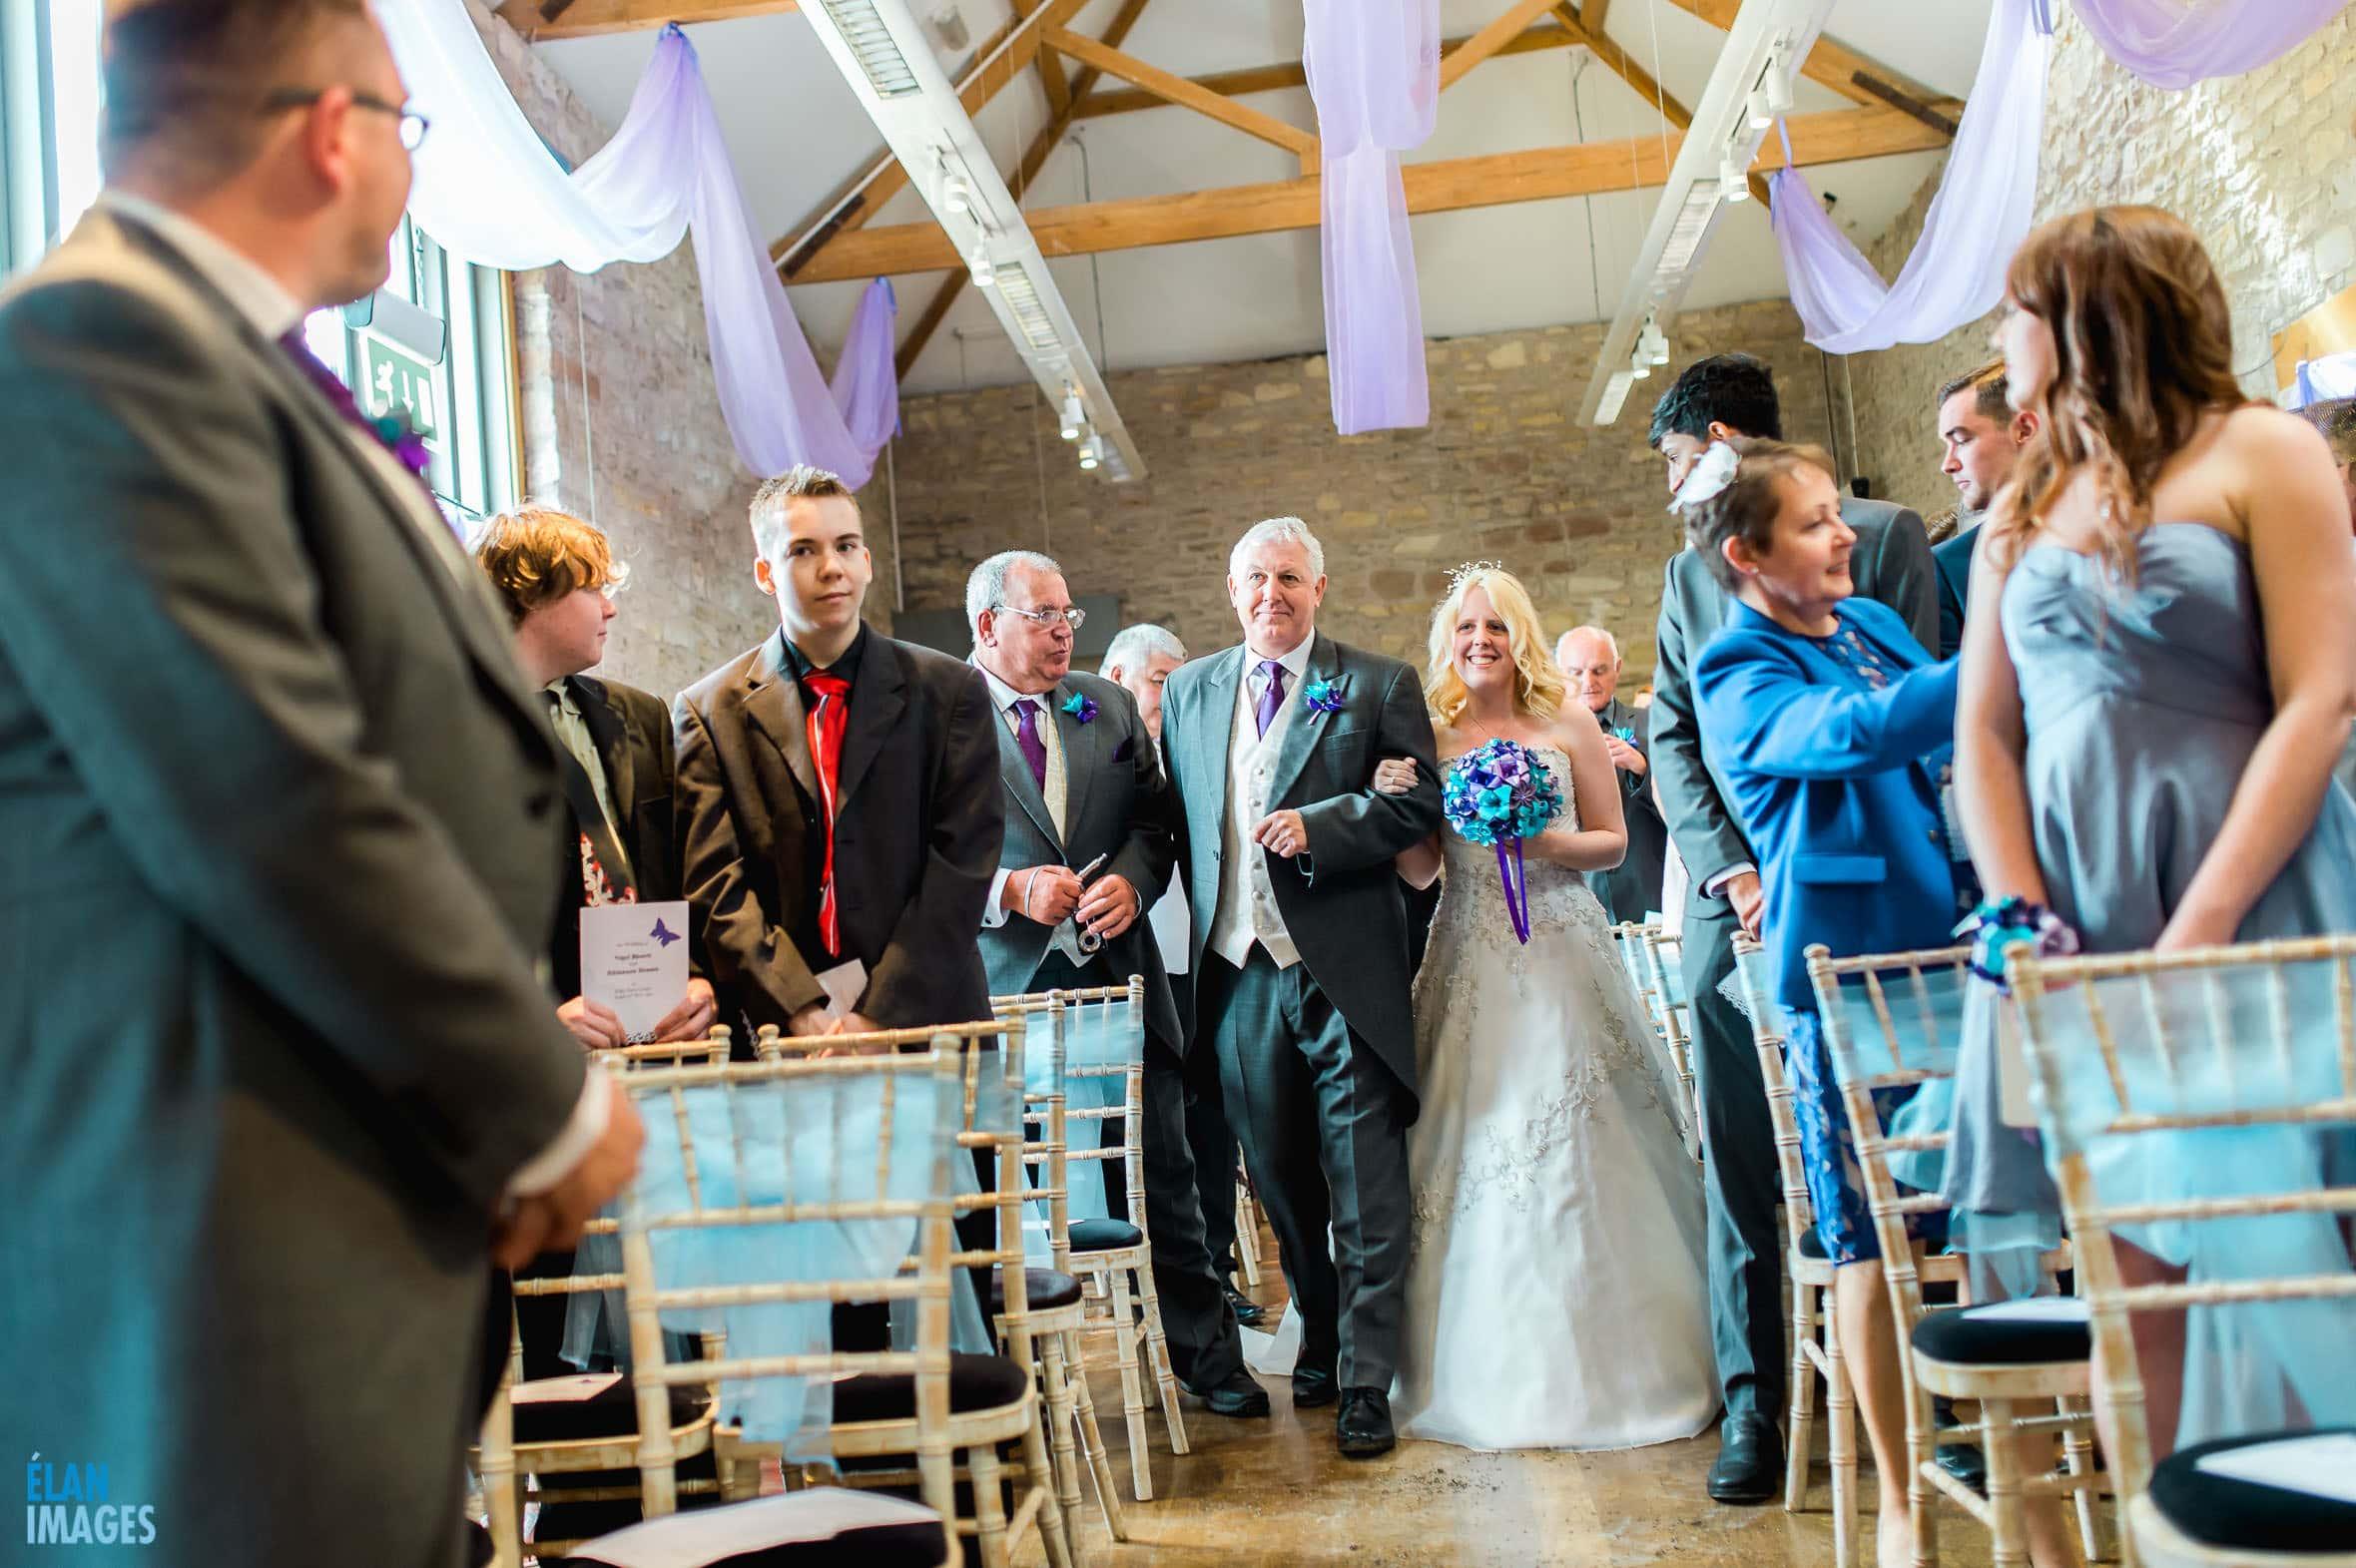 Summer Wedding at the Folly Farm Centre, Pensford 28